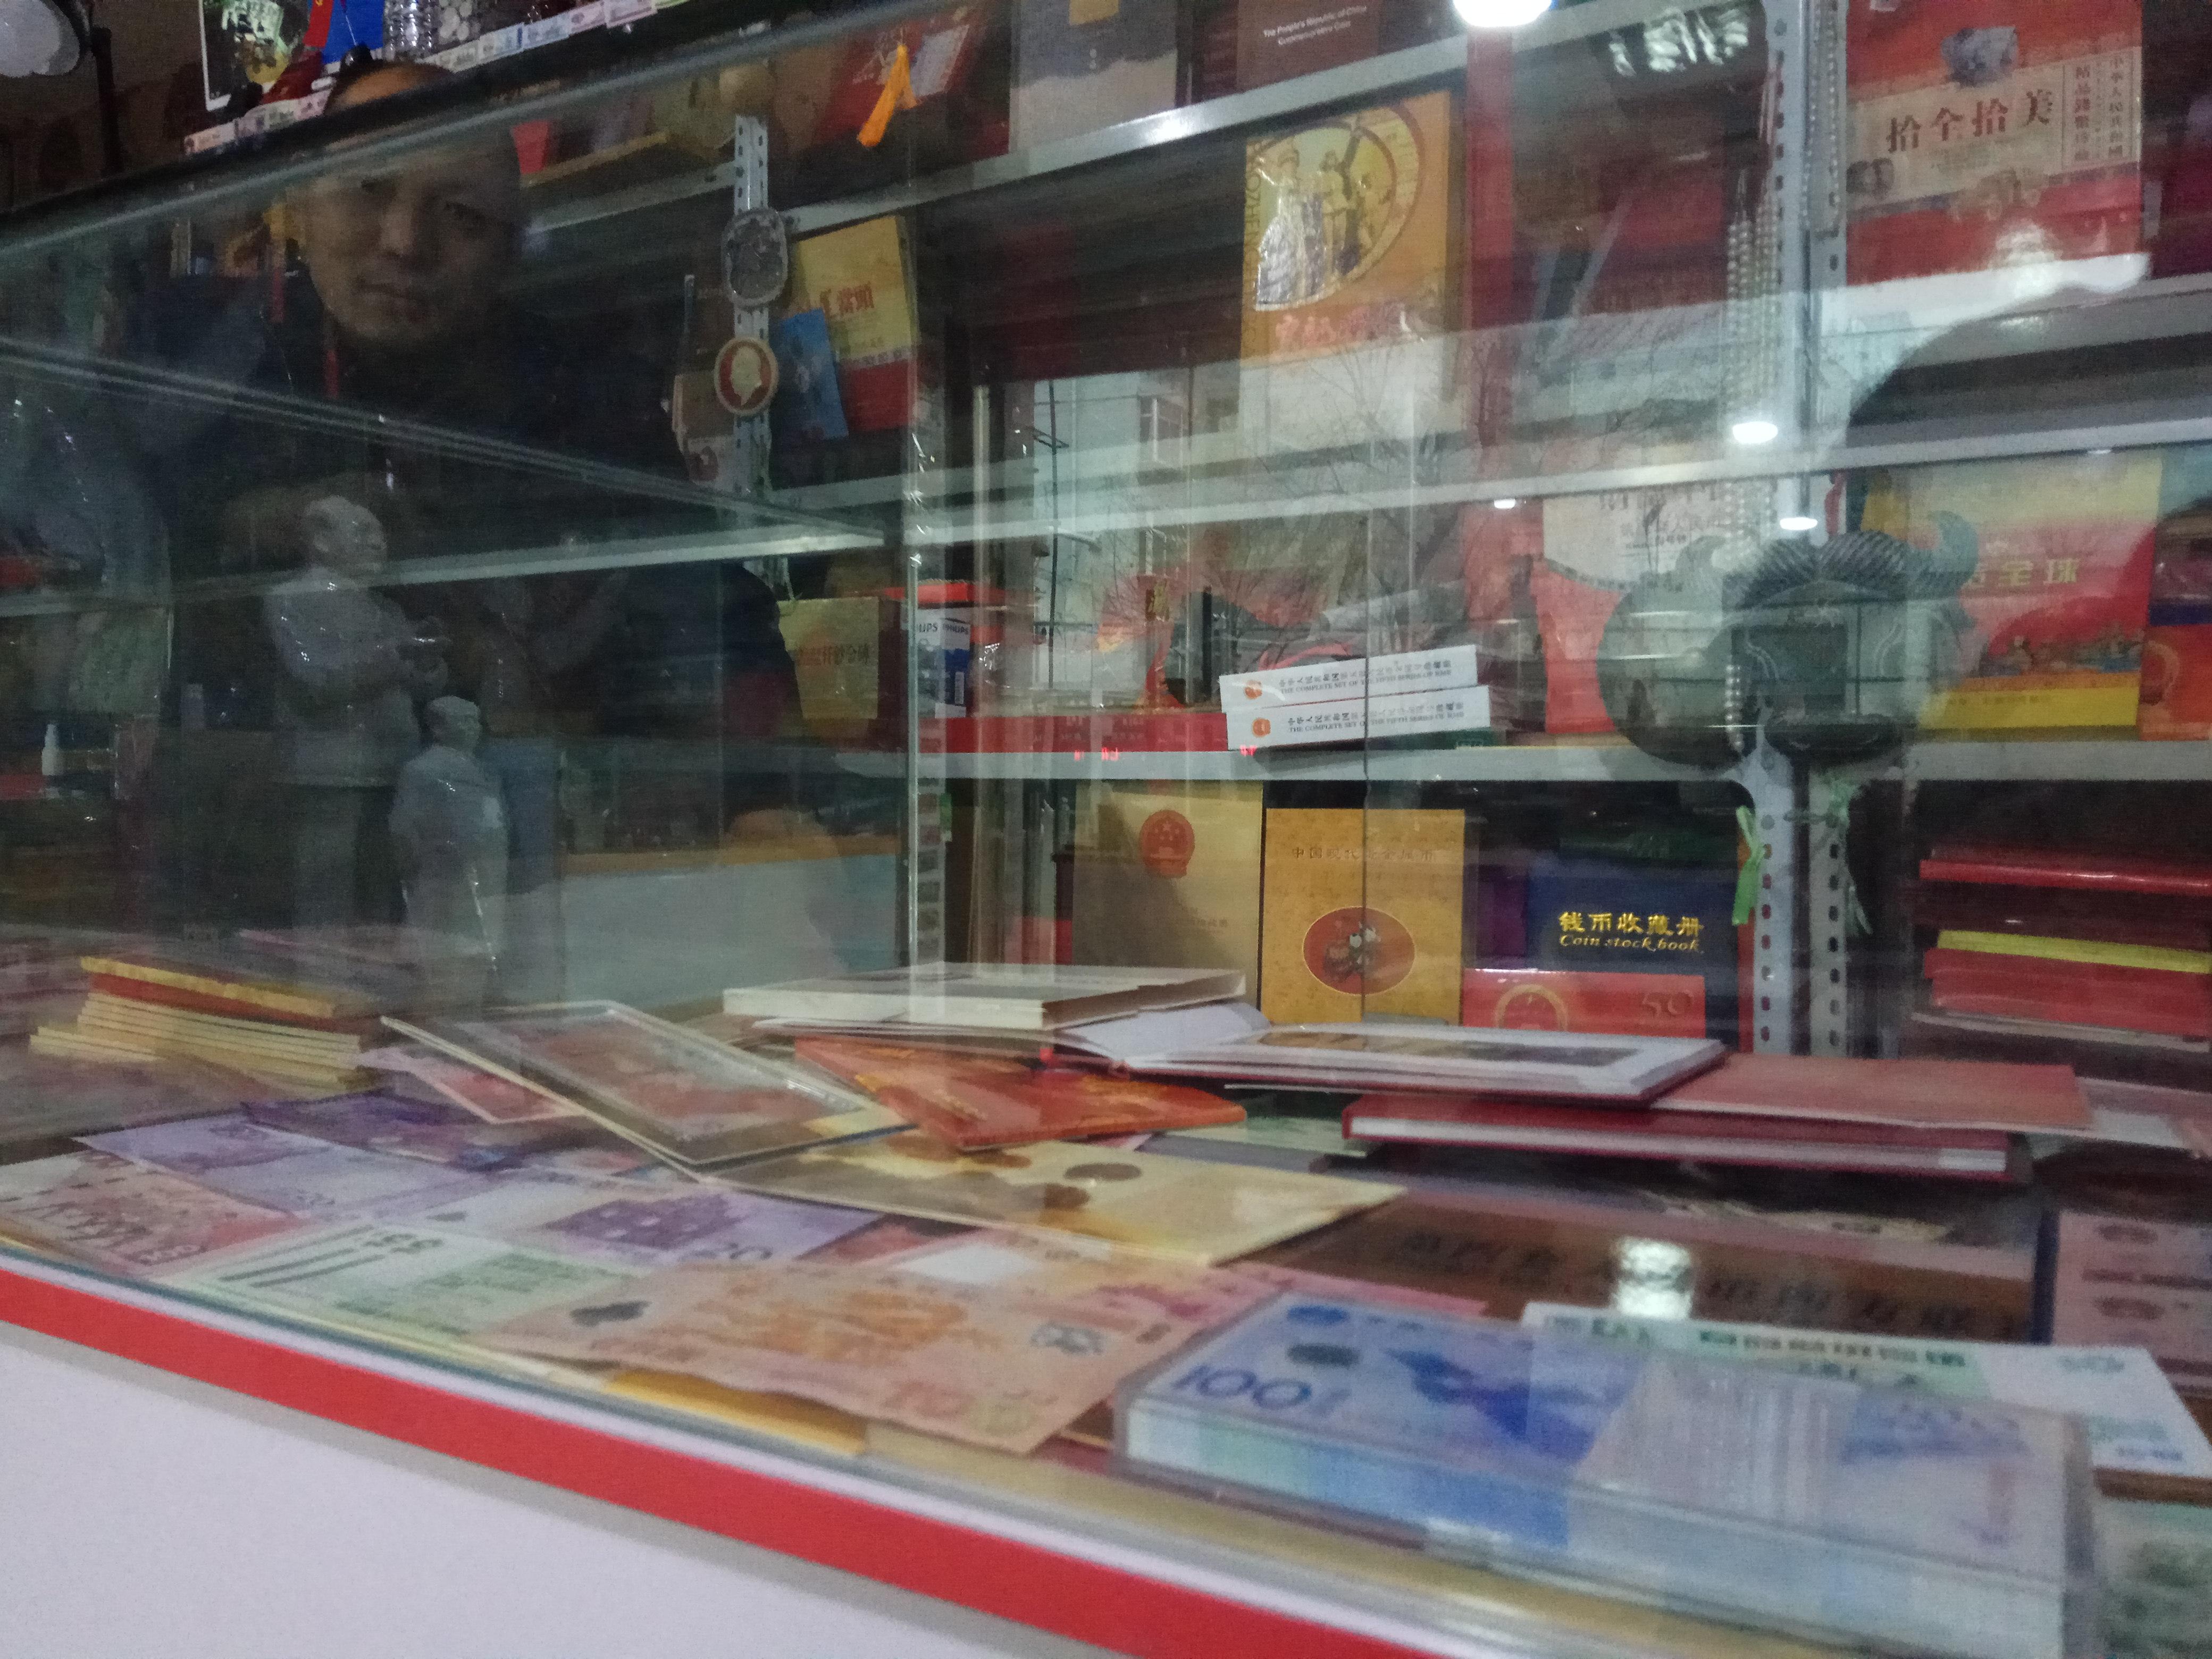 淄博纪念钞网上预约火爆 堪比双十一零点抢购